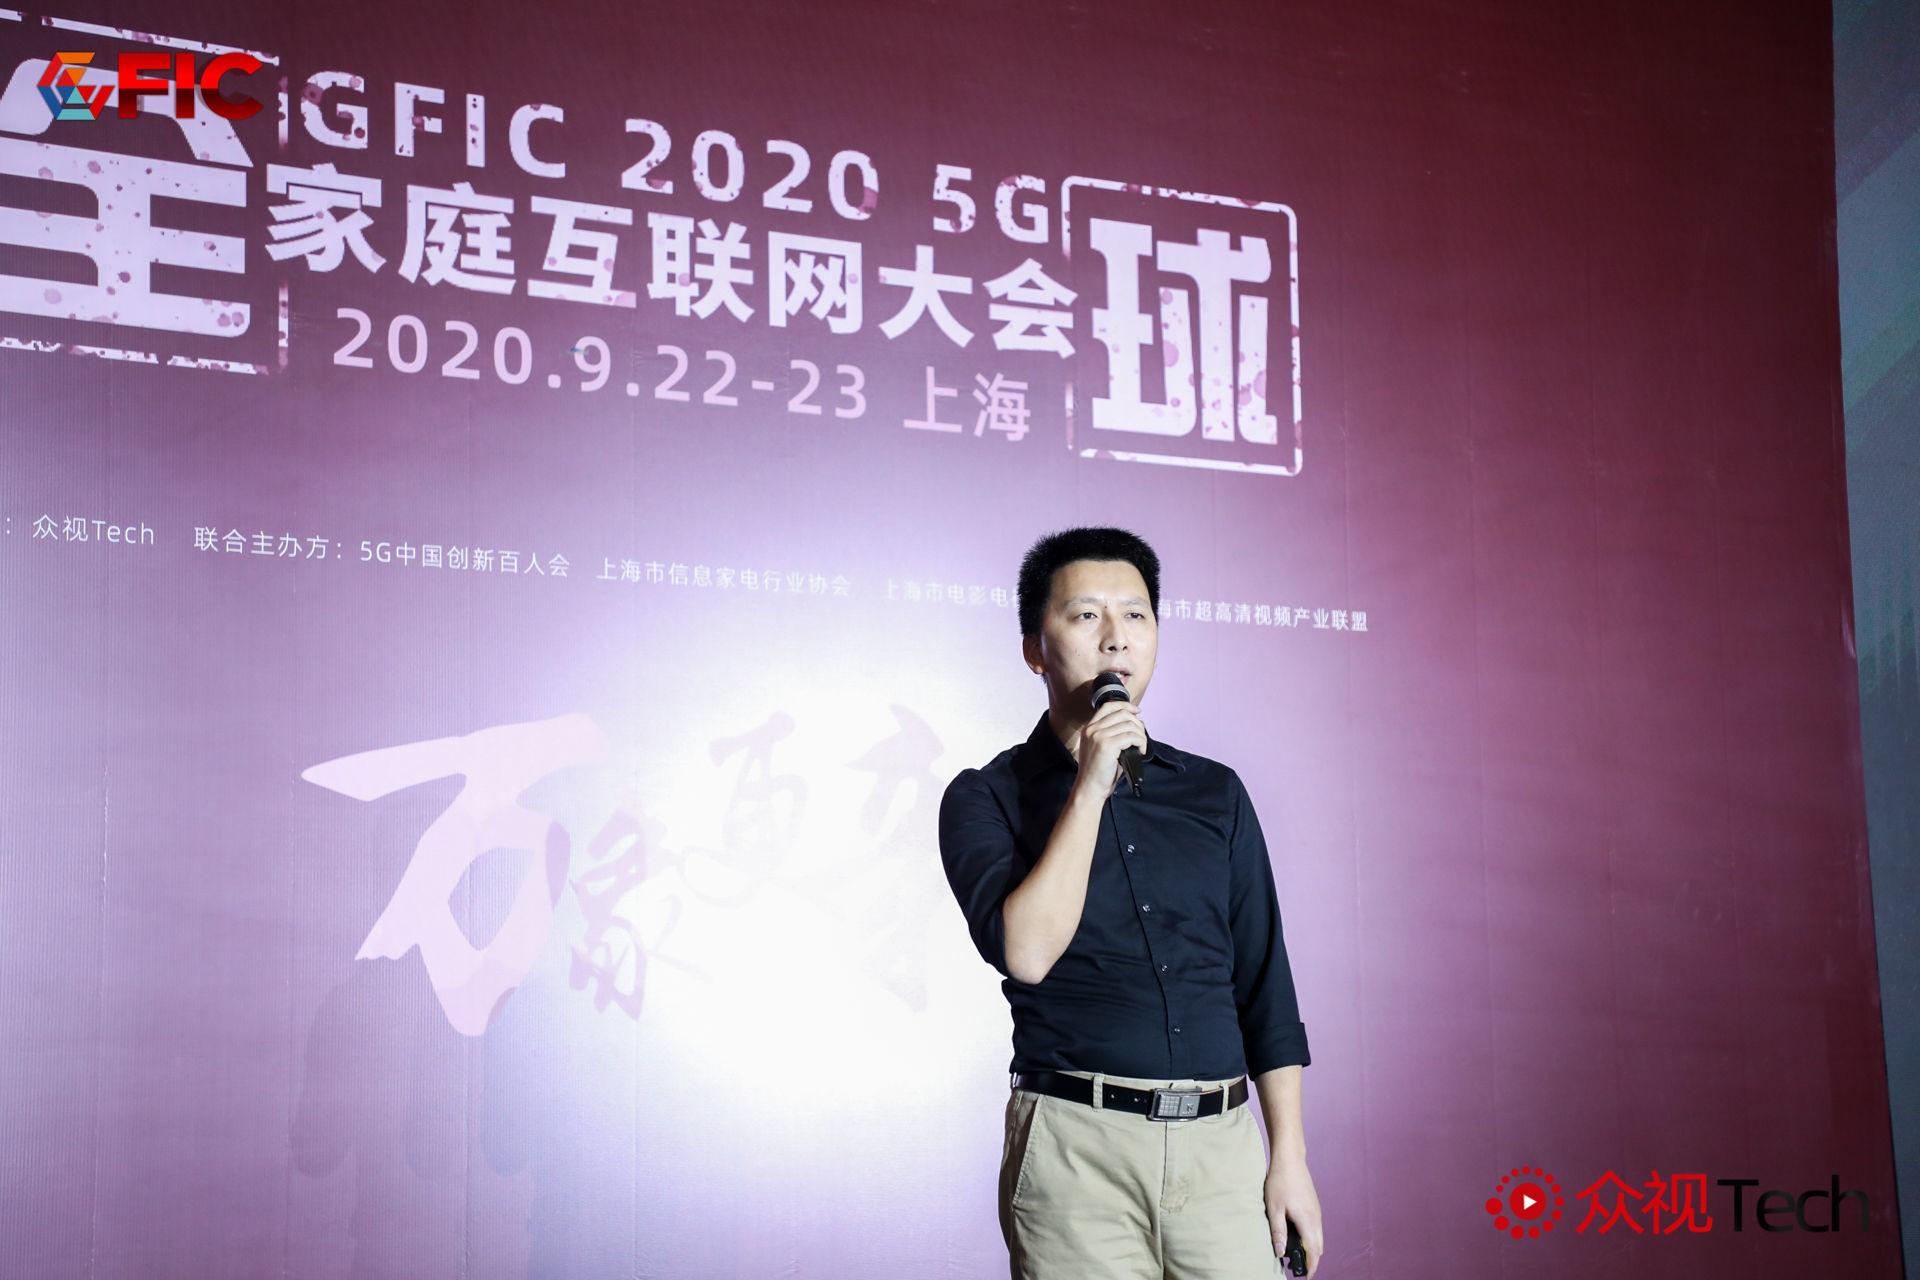 虹魔方李勇:非主流PUGC的大屏商业化探索